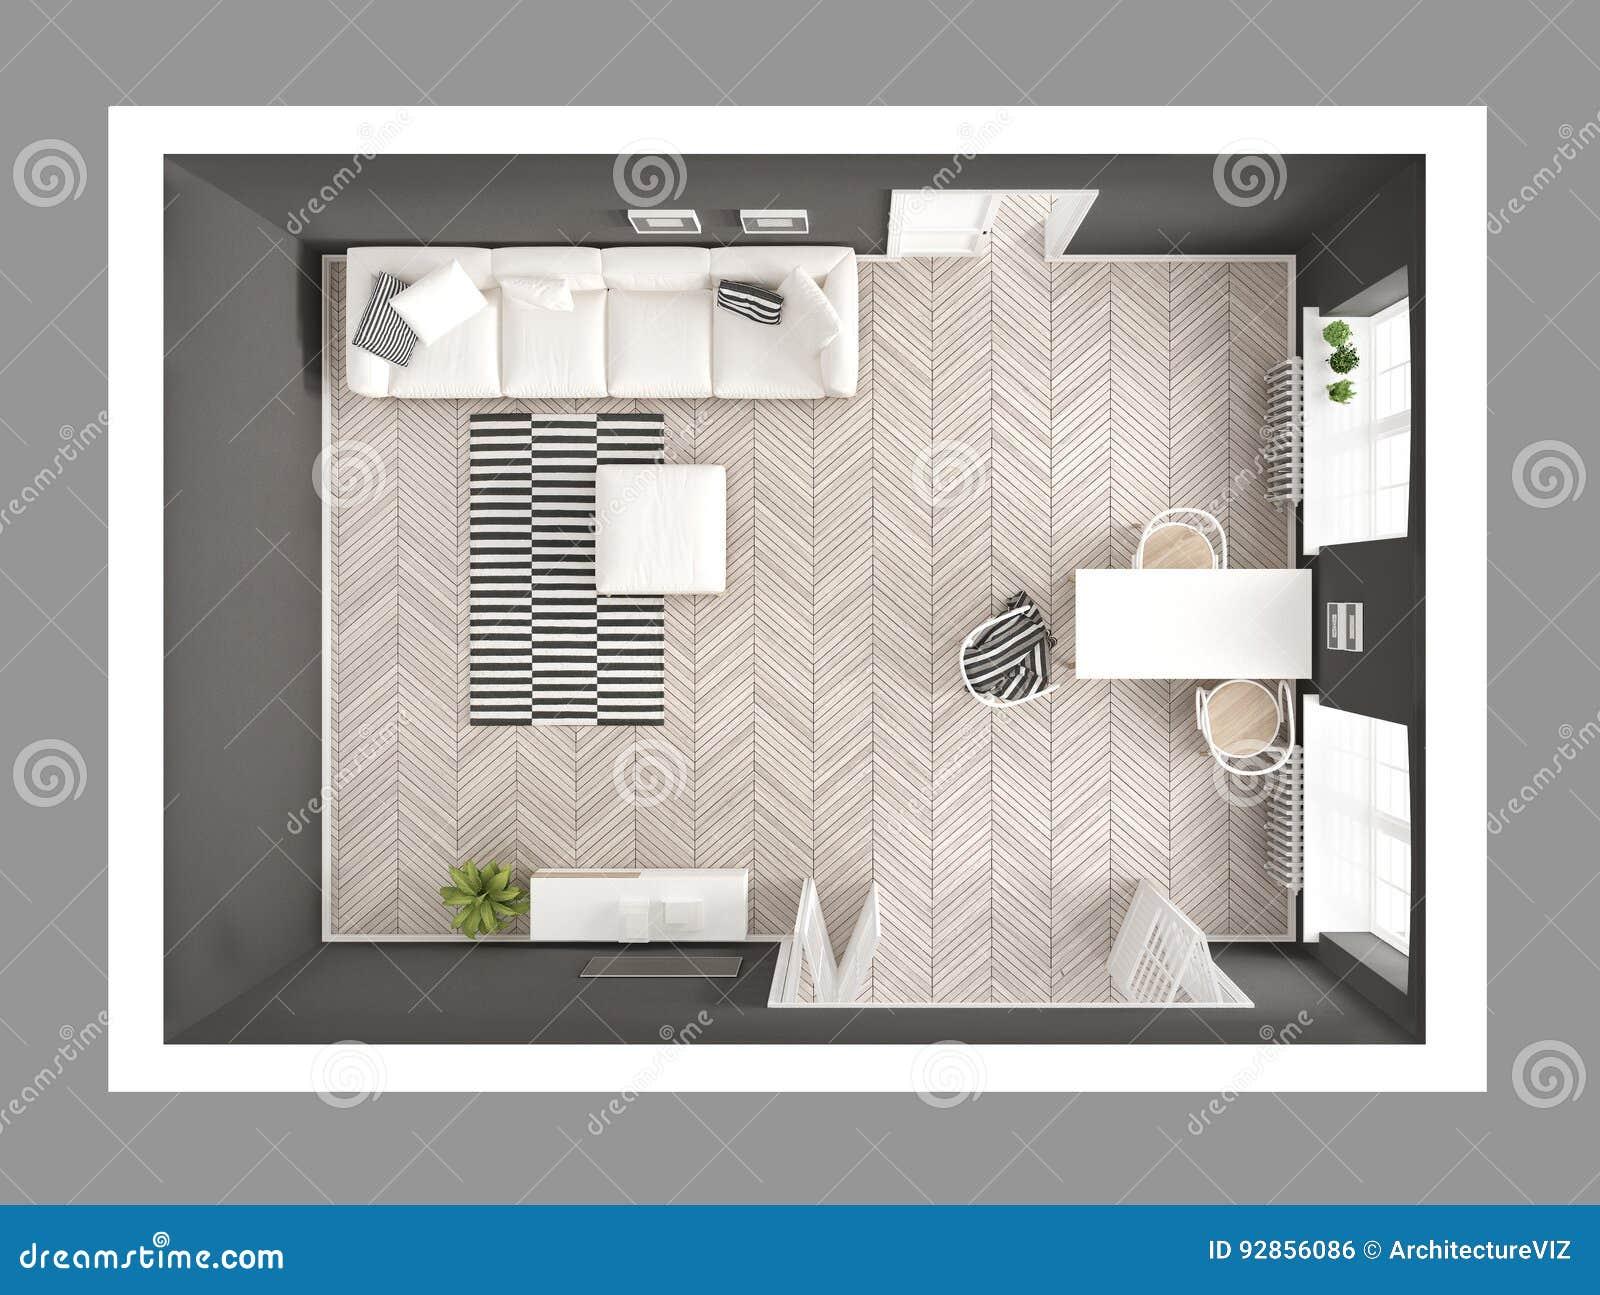 Helles unbedeutendes Wohnzimmer mit Sofa und Speisetische, scandi